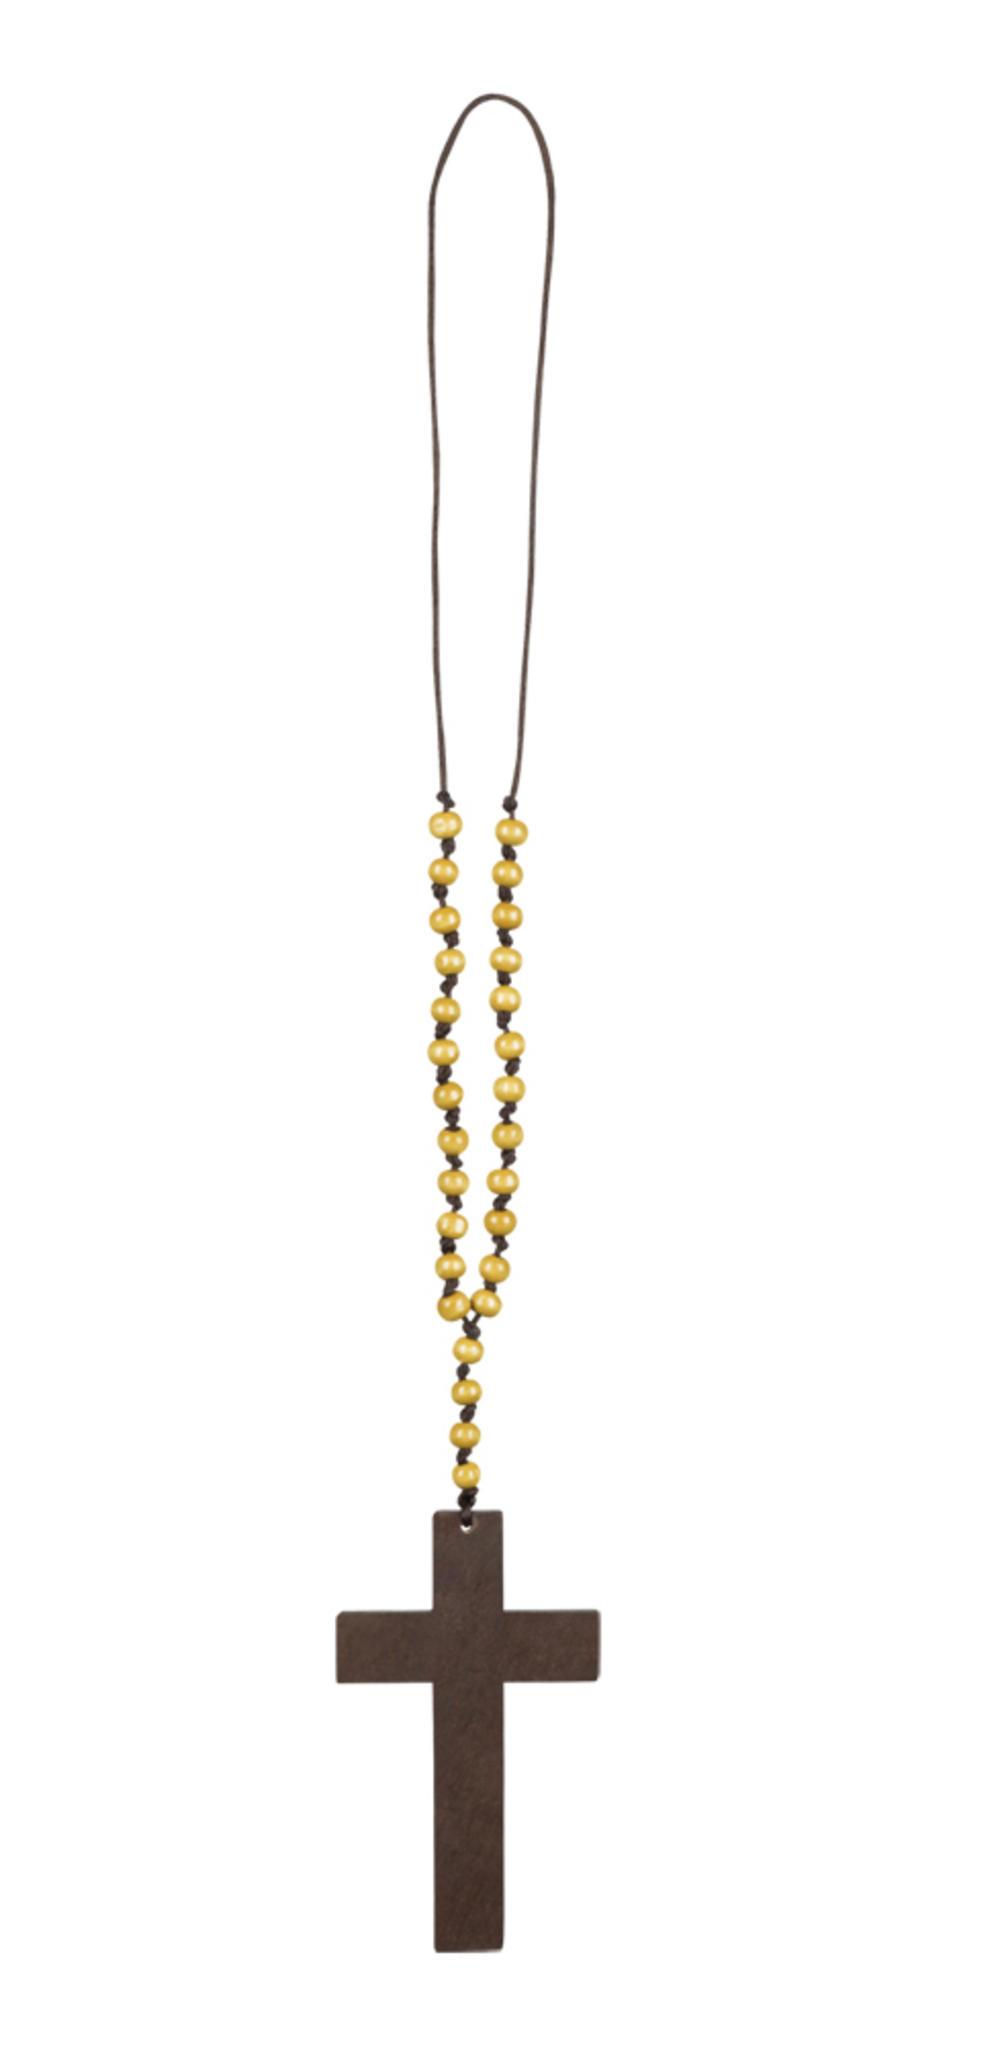 Deluxe Priest Cross Necklace